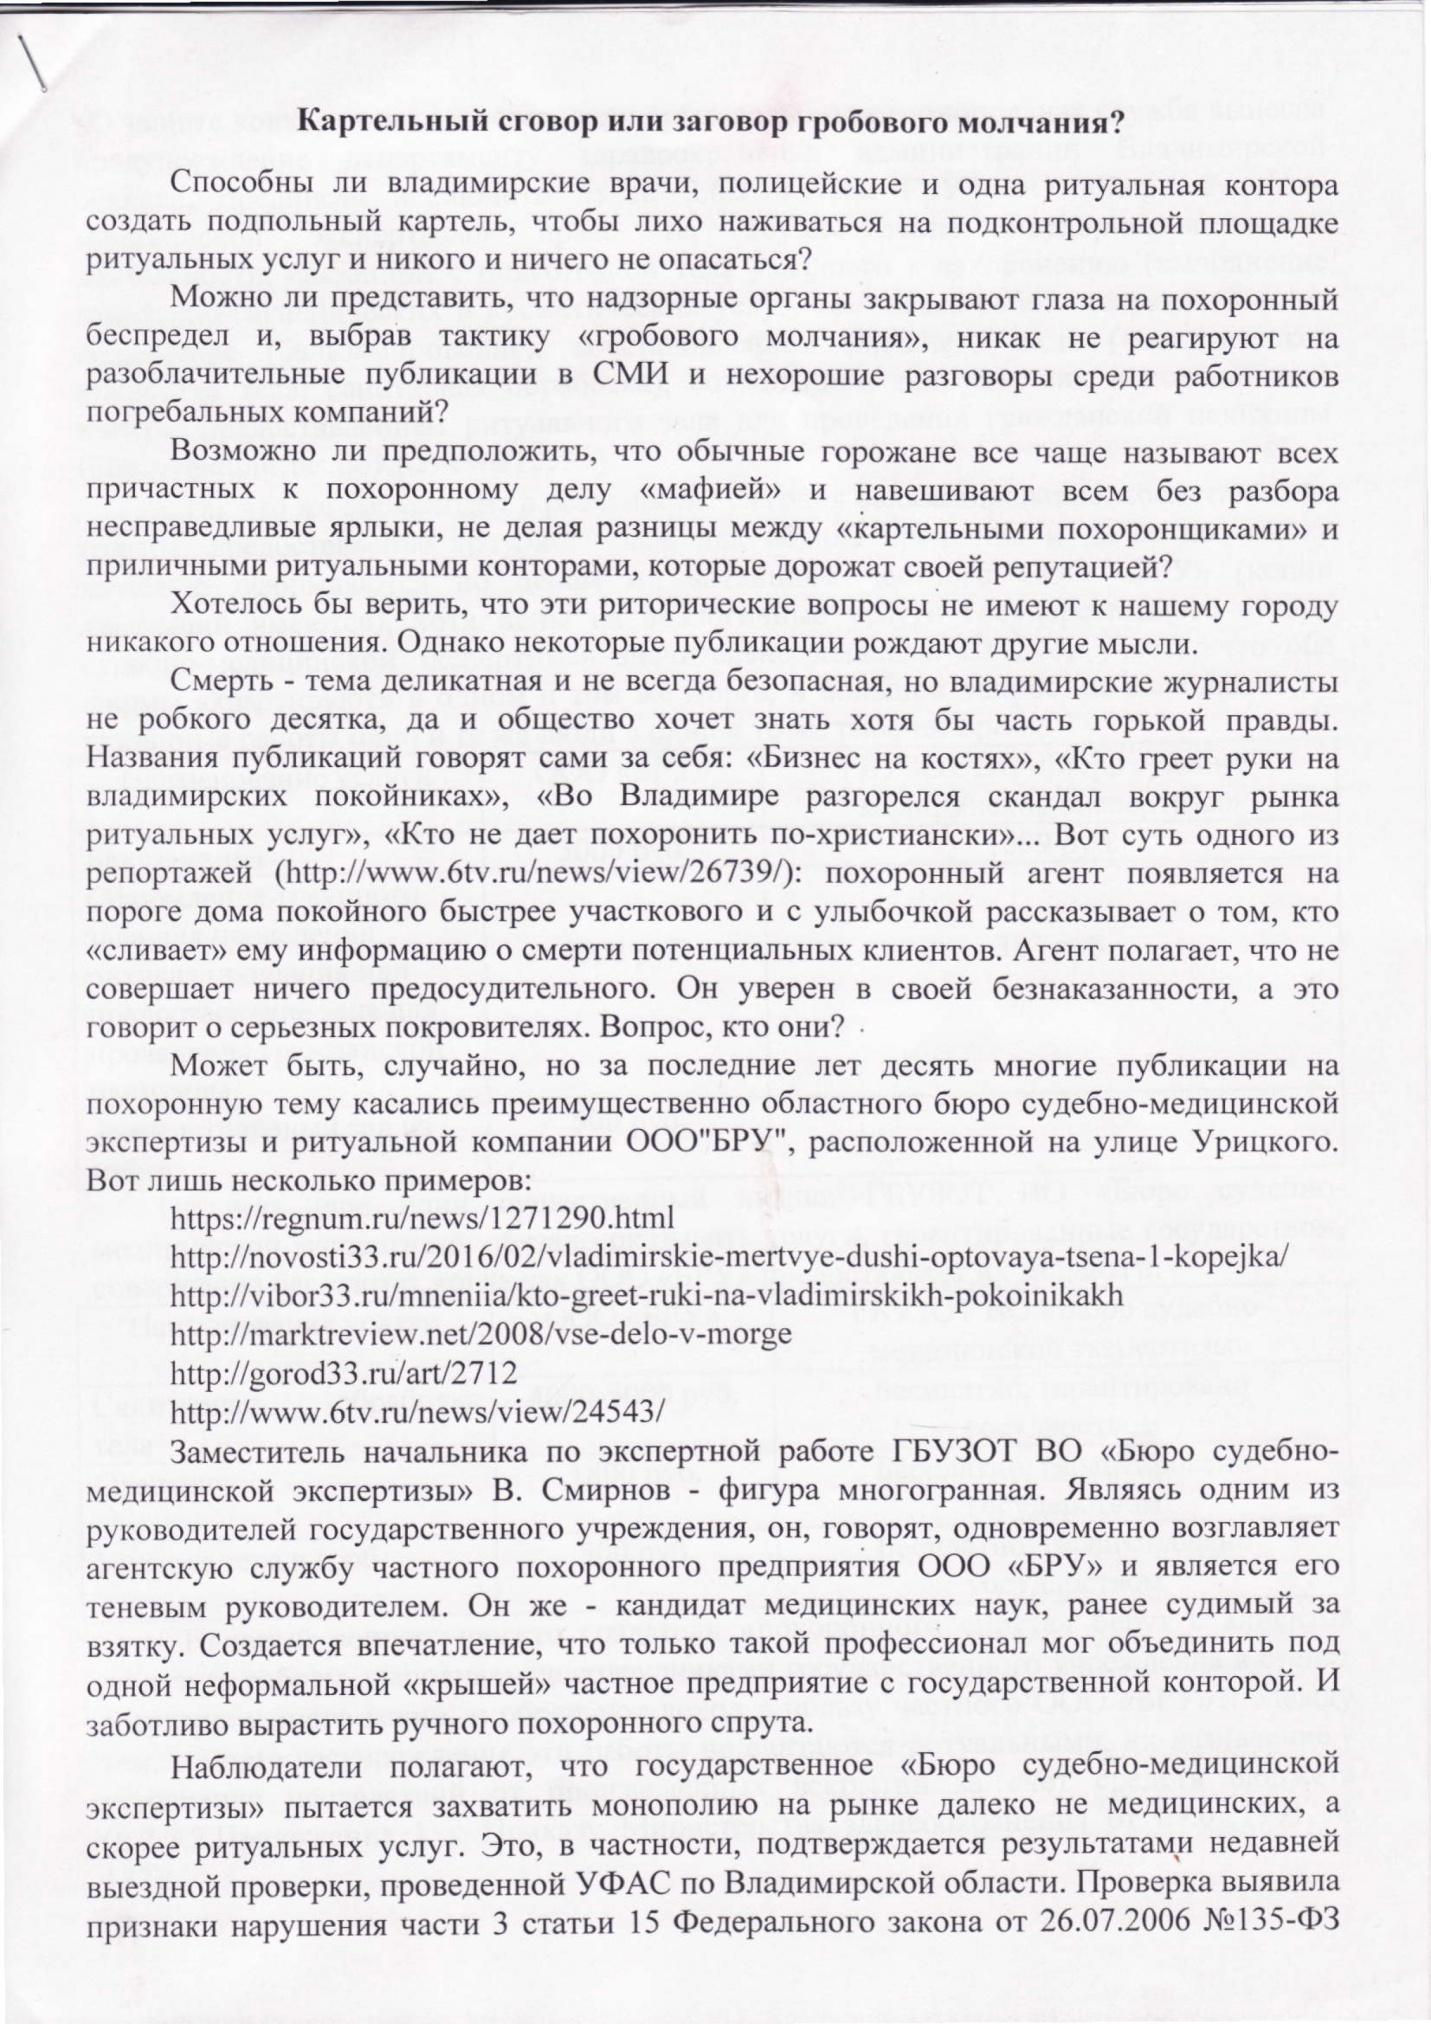 scan_fubis01.jpg